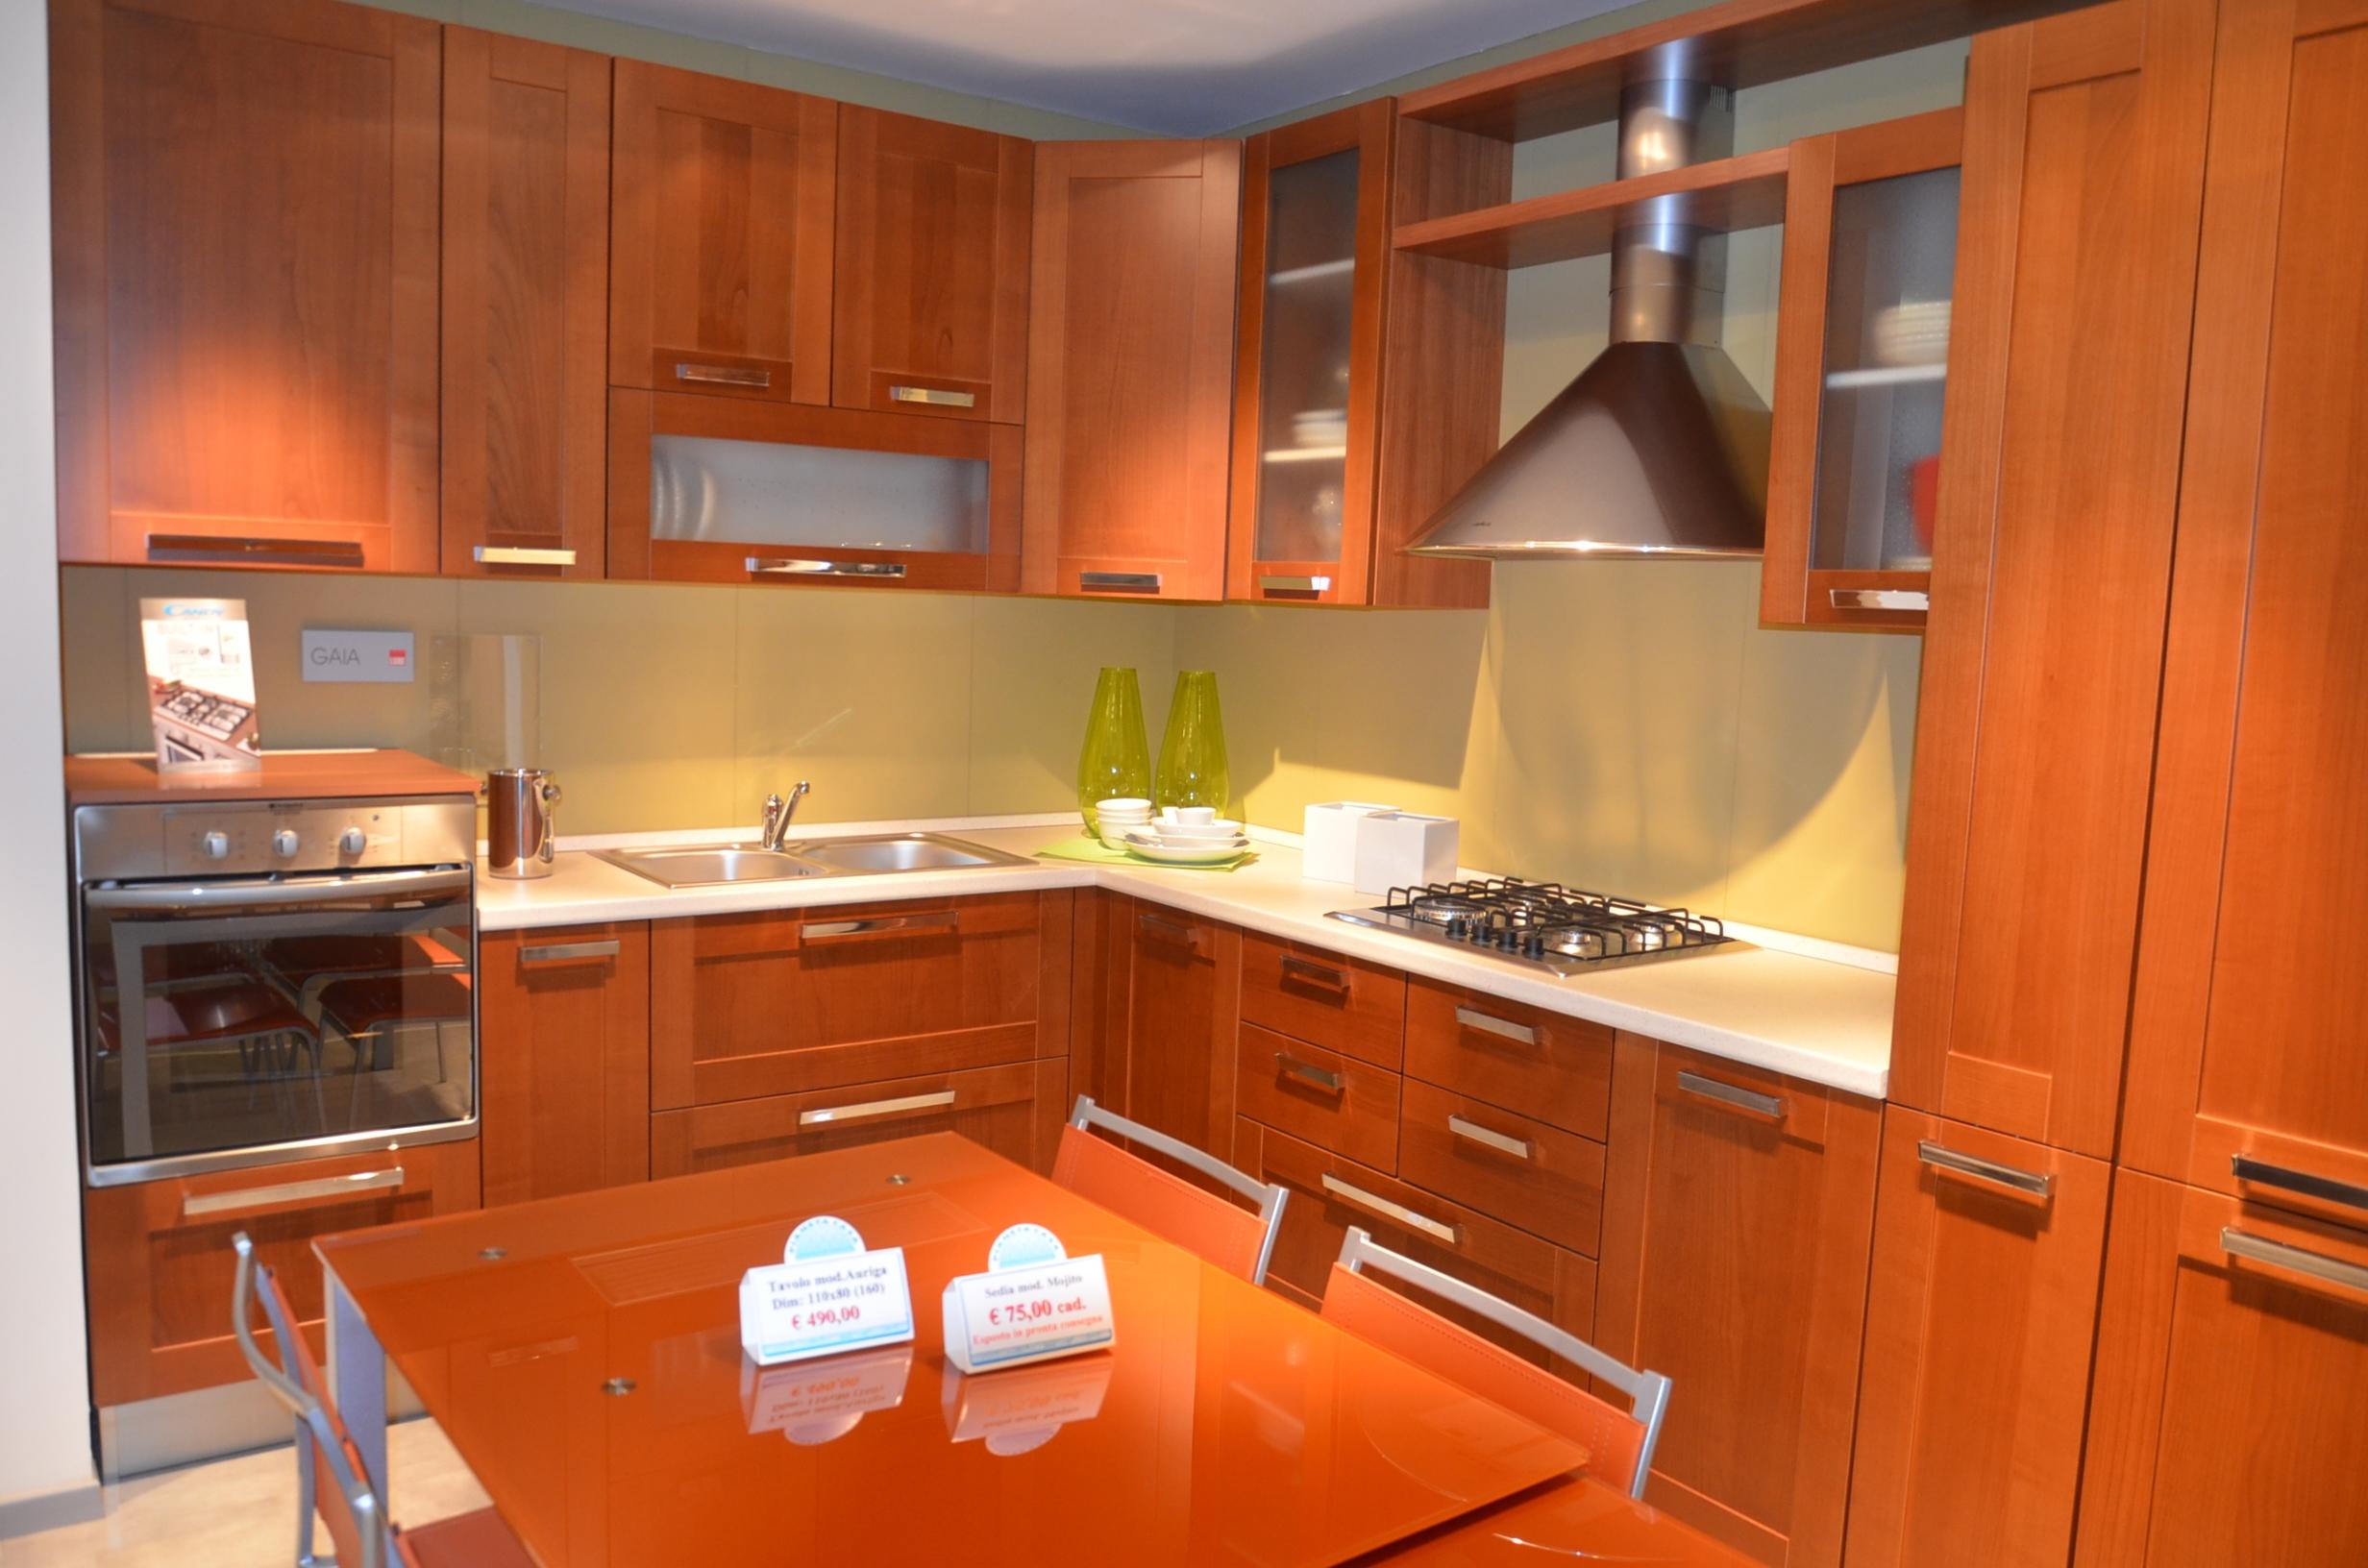 Tavolo e sedie da anninare a cucina ciliegio - Cucine ciliegio moderne ...